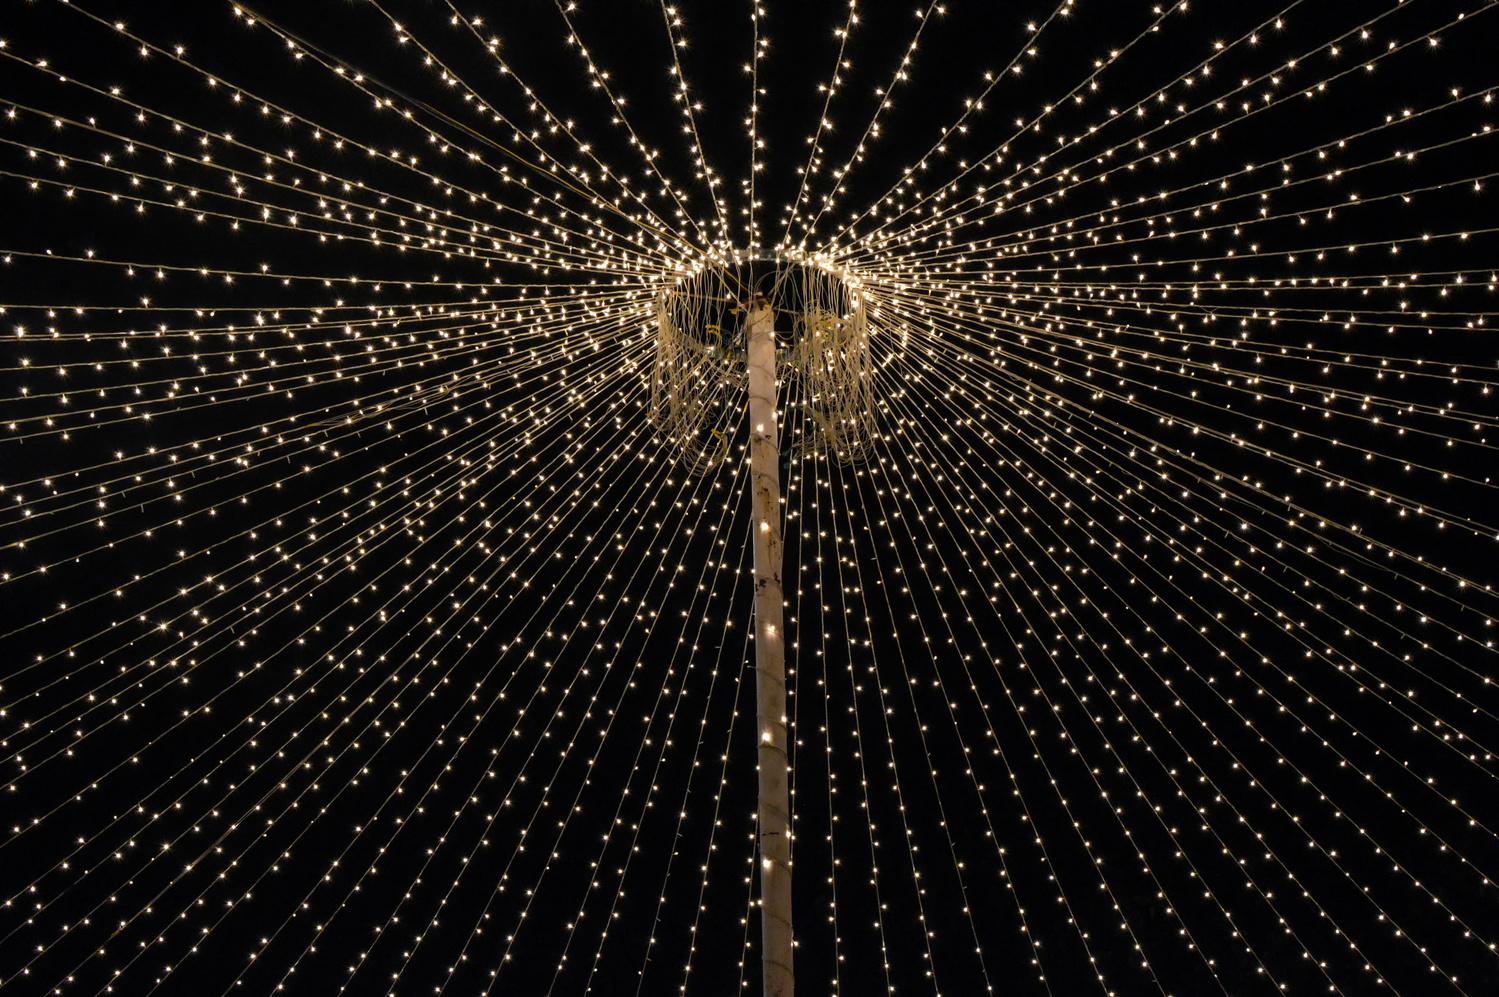 Rice lights by Subhrajyoti Saha